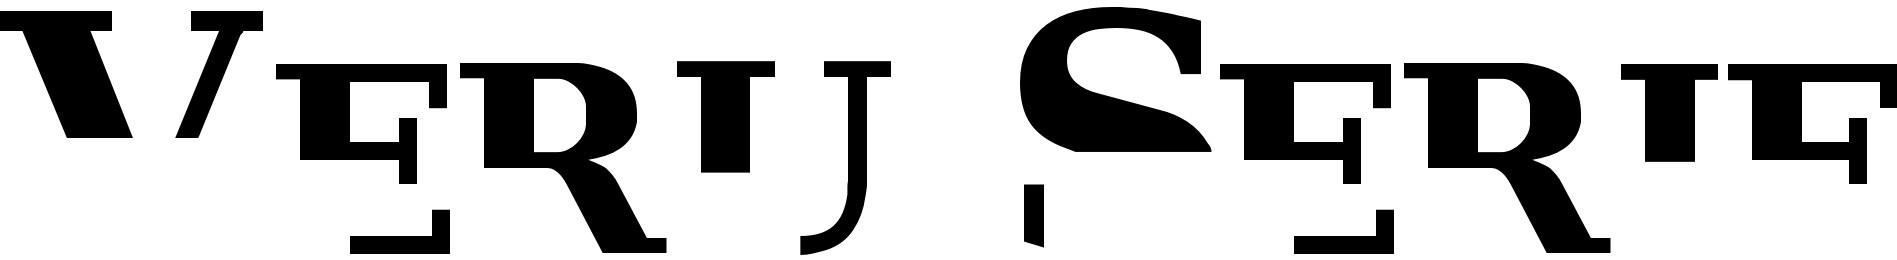 Veru Serif